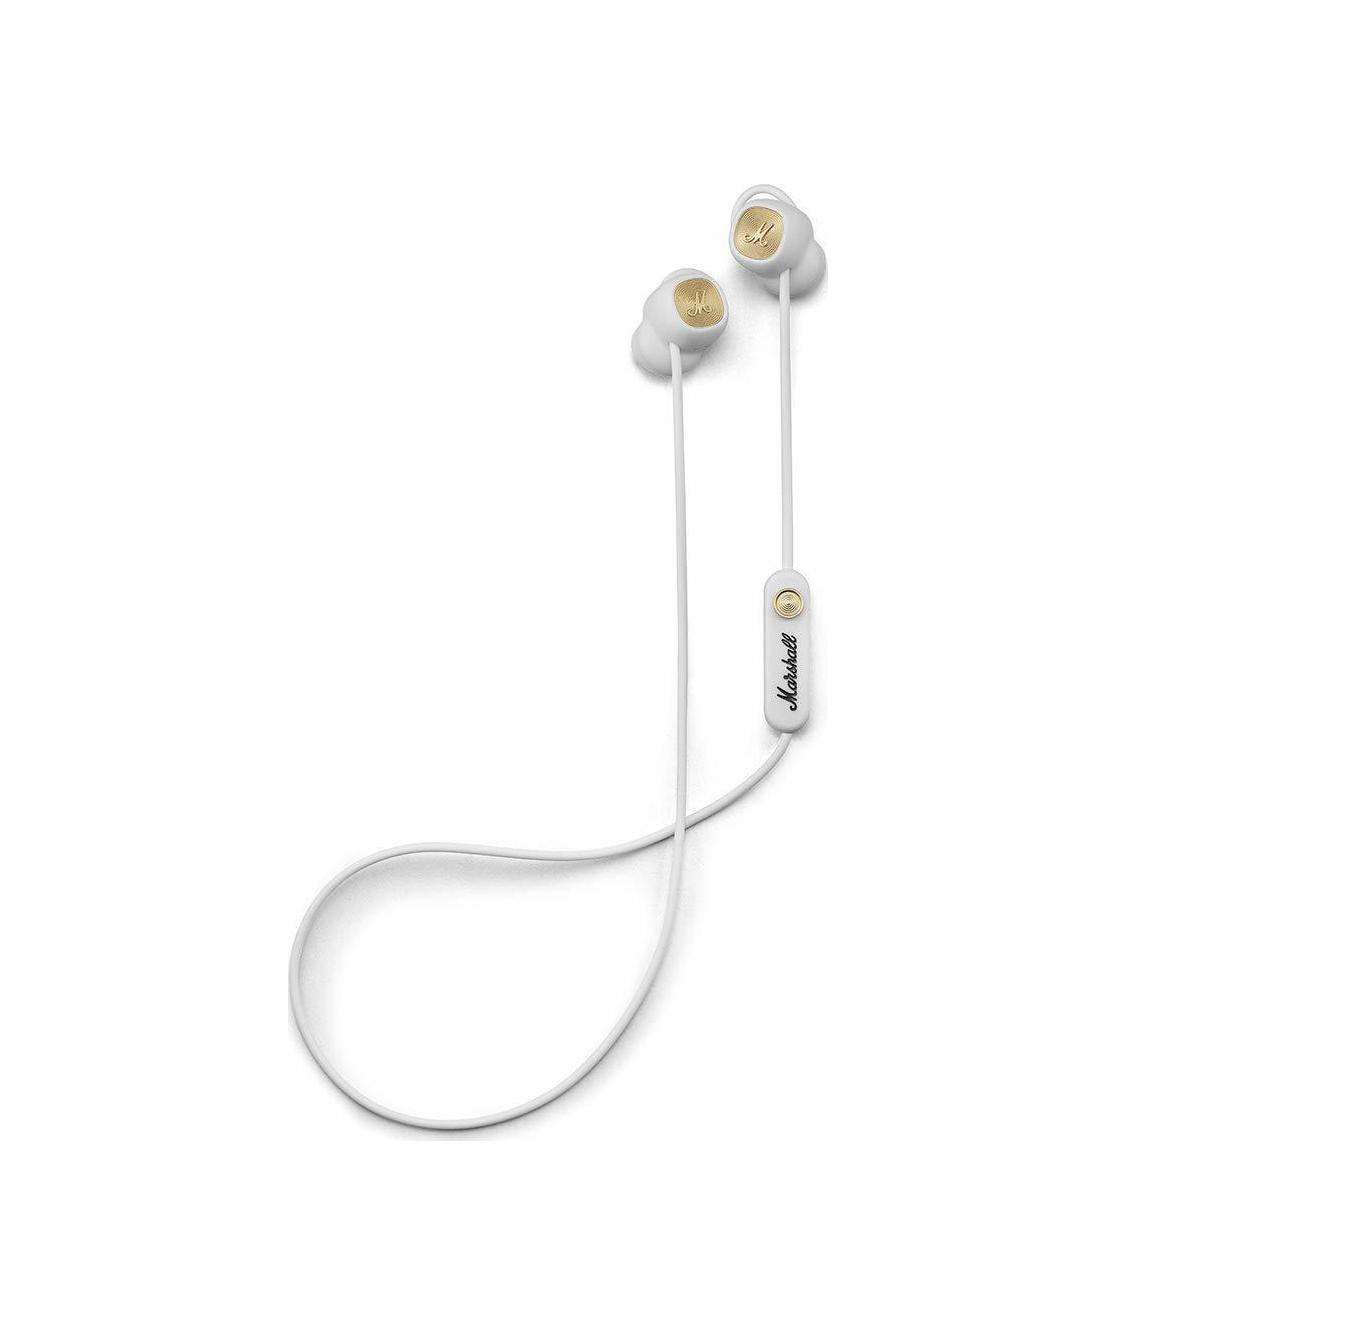 Marshall Minor II Bluetooth Ακουστικά Handsfree White/Gold